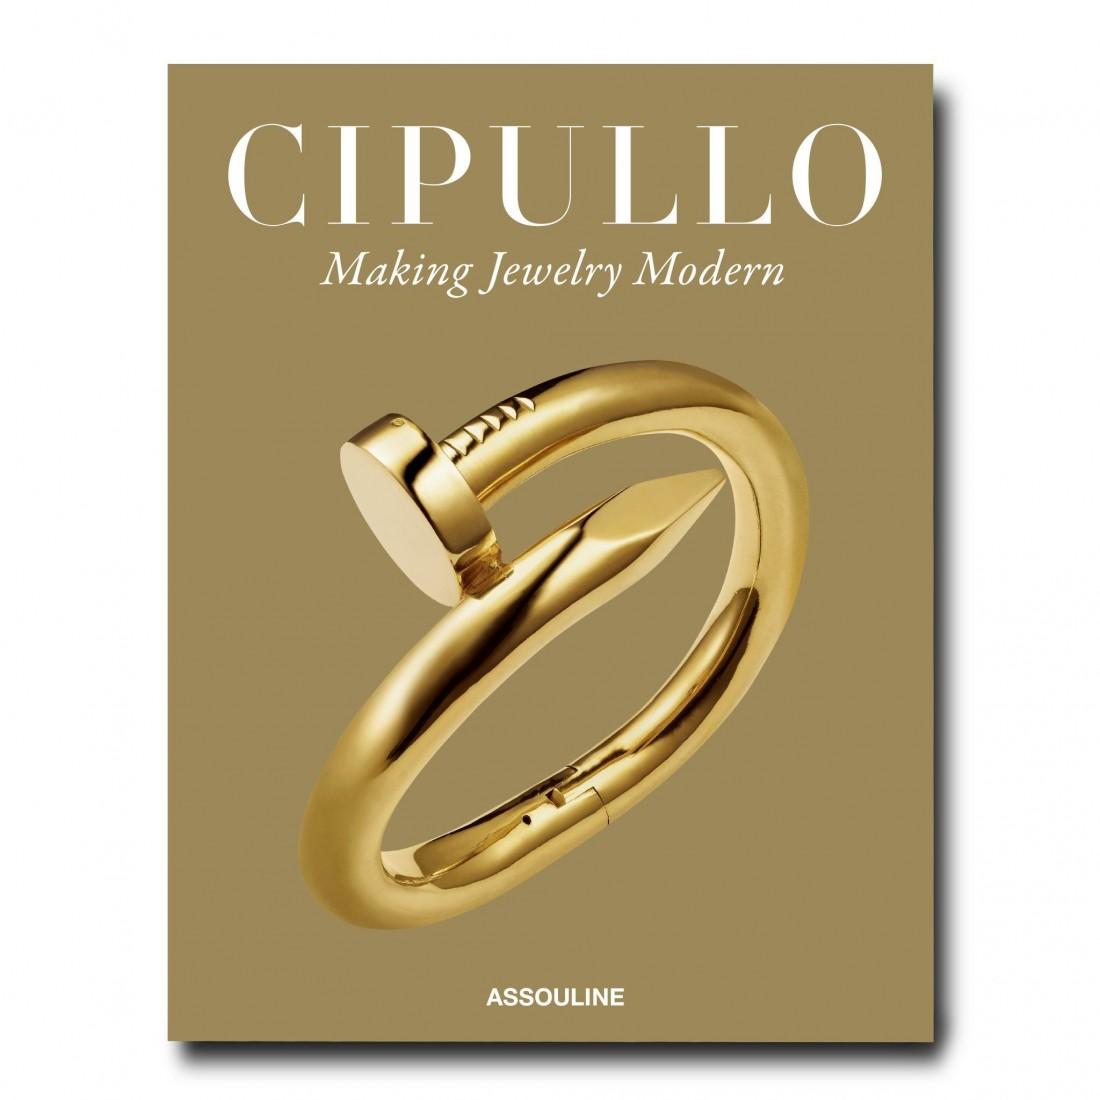 Cipullo: Making Jewelry Modern Assouline